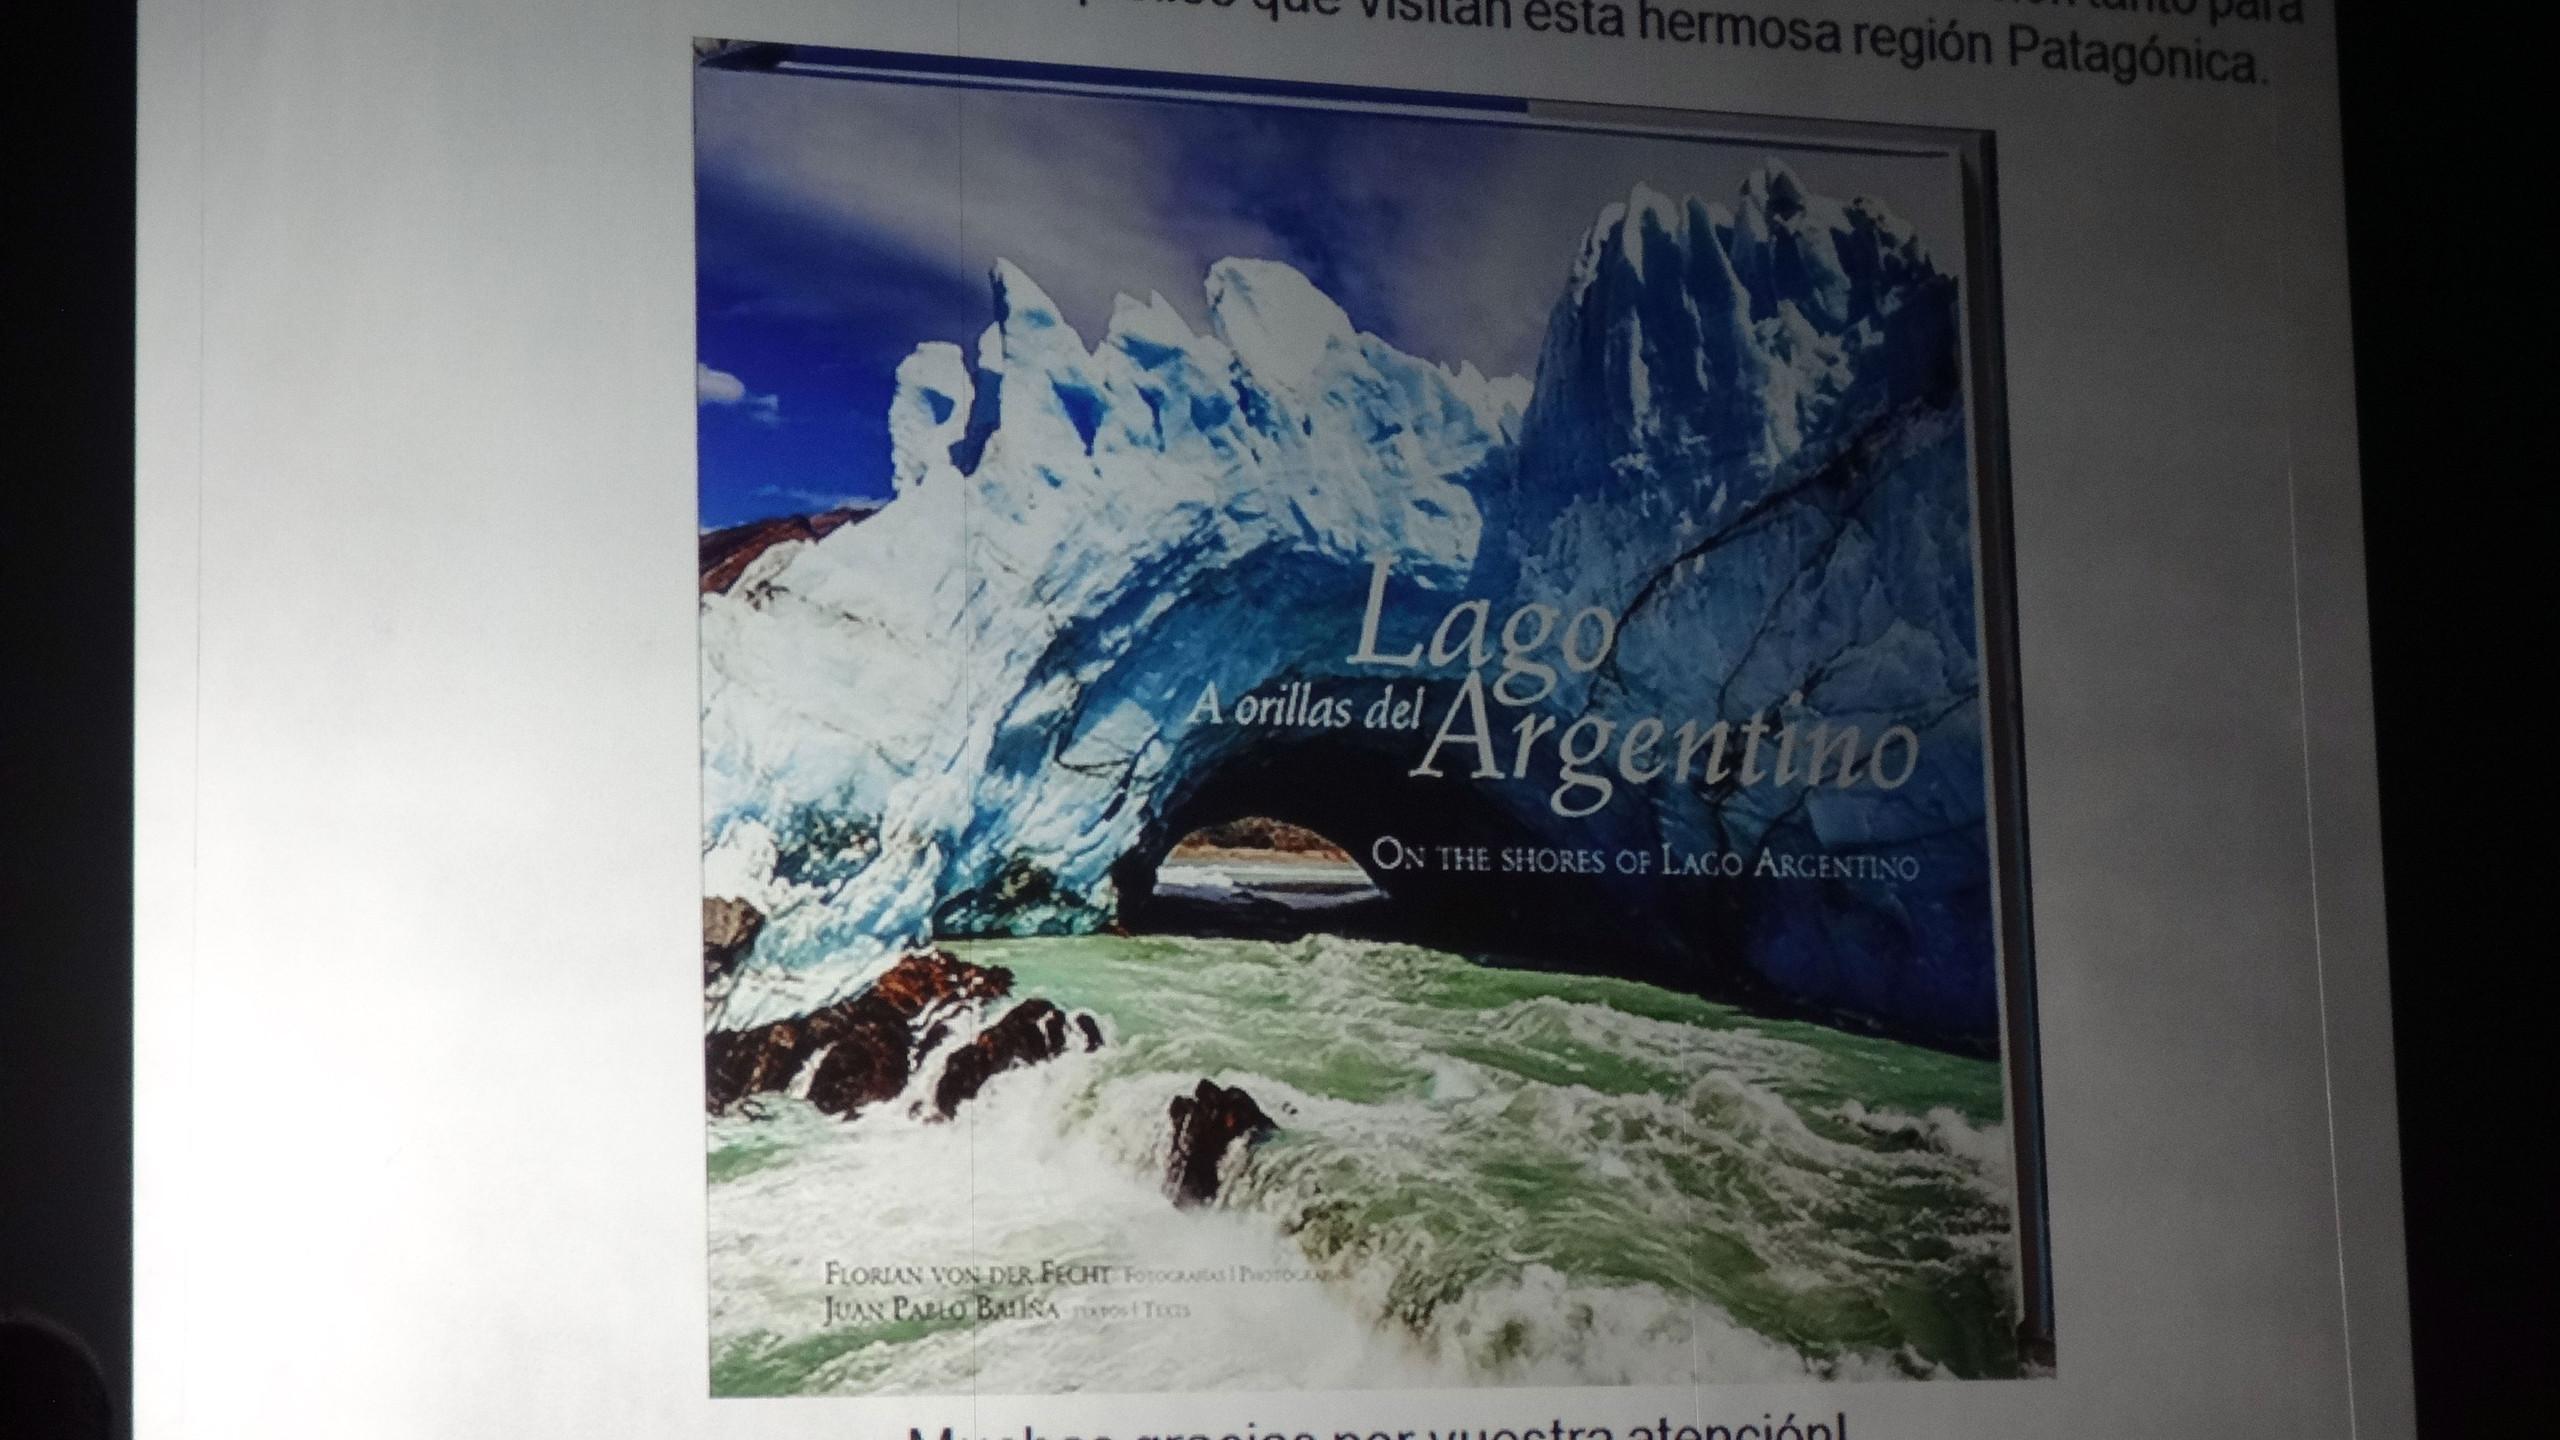 Glaciarium